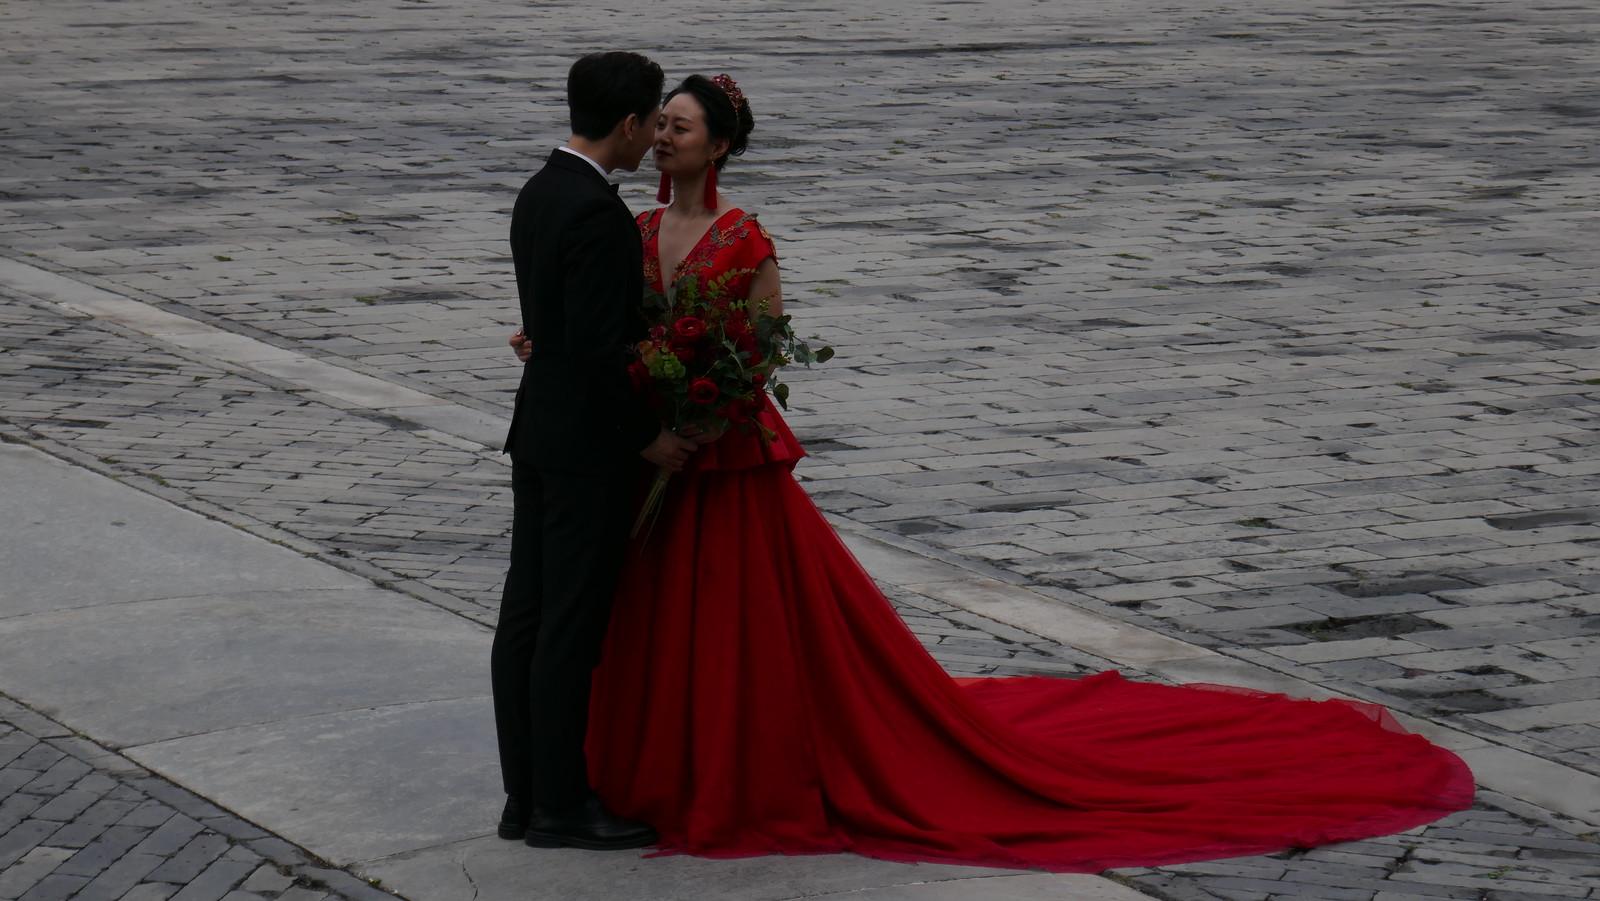 Una de las múltiples parejas que se fotografiaban en el Templo Imperial Ancestral